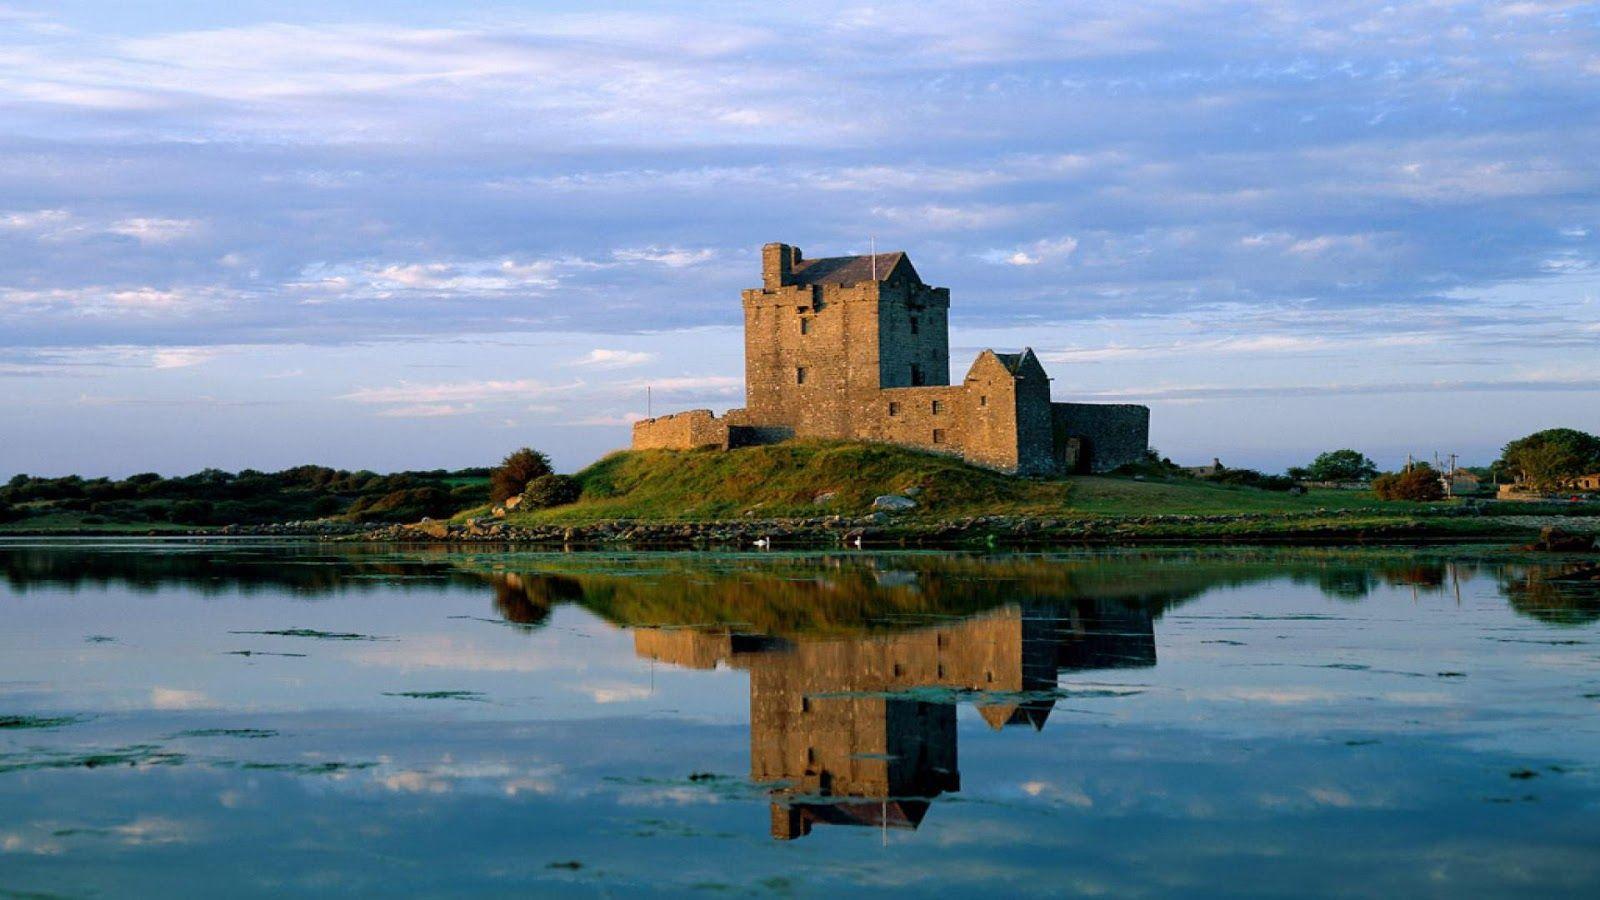 Hd Wallpapers Desktop Ireland Country Hd Desktop Wallpapers Castles In Ireland Ireland Landscape Landscape Wallpaper